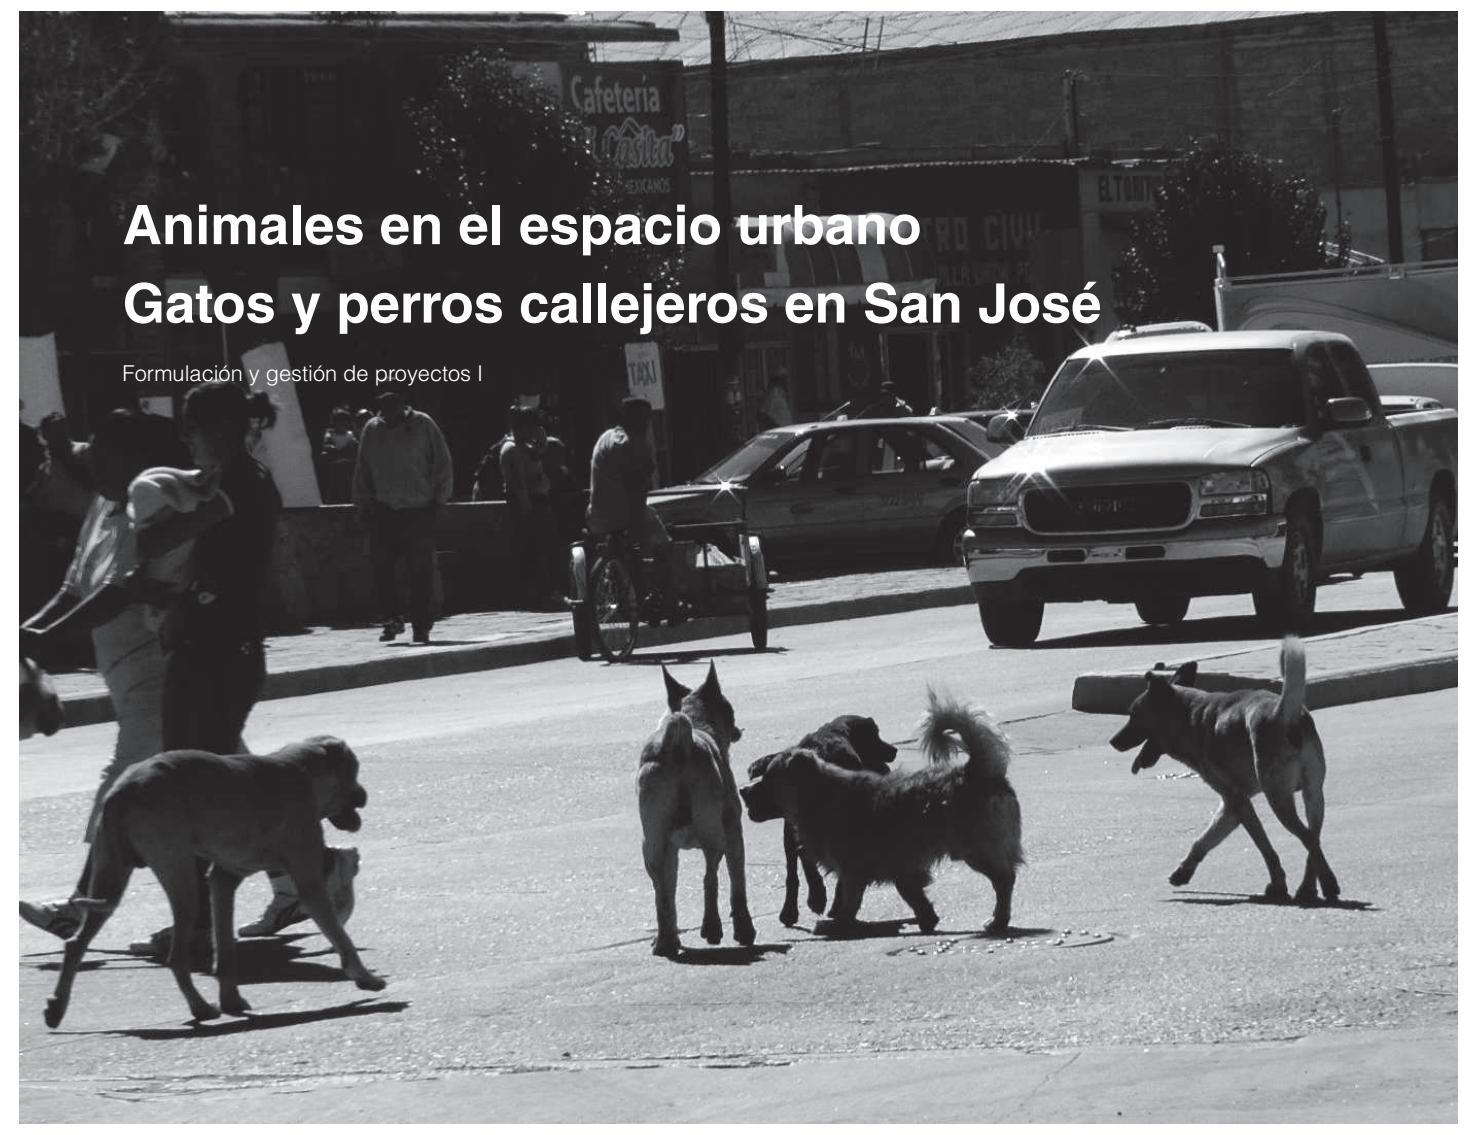 Animales en el espacio urbano: gatos y perros callejeros en San José ...